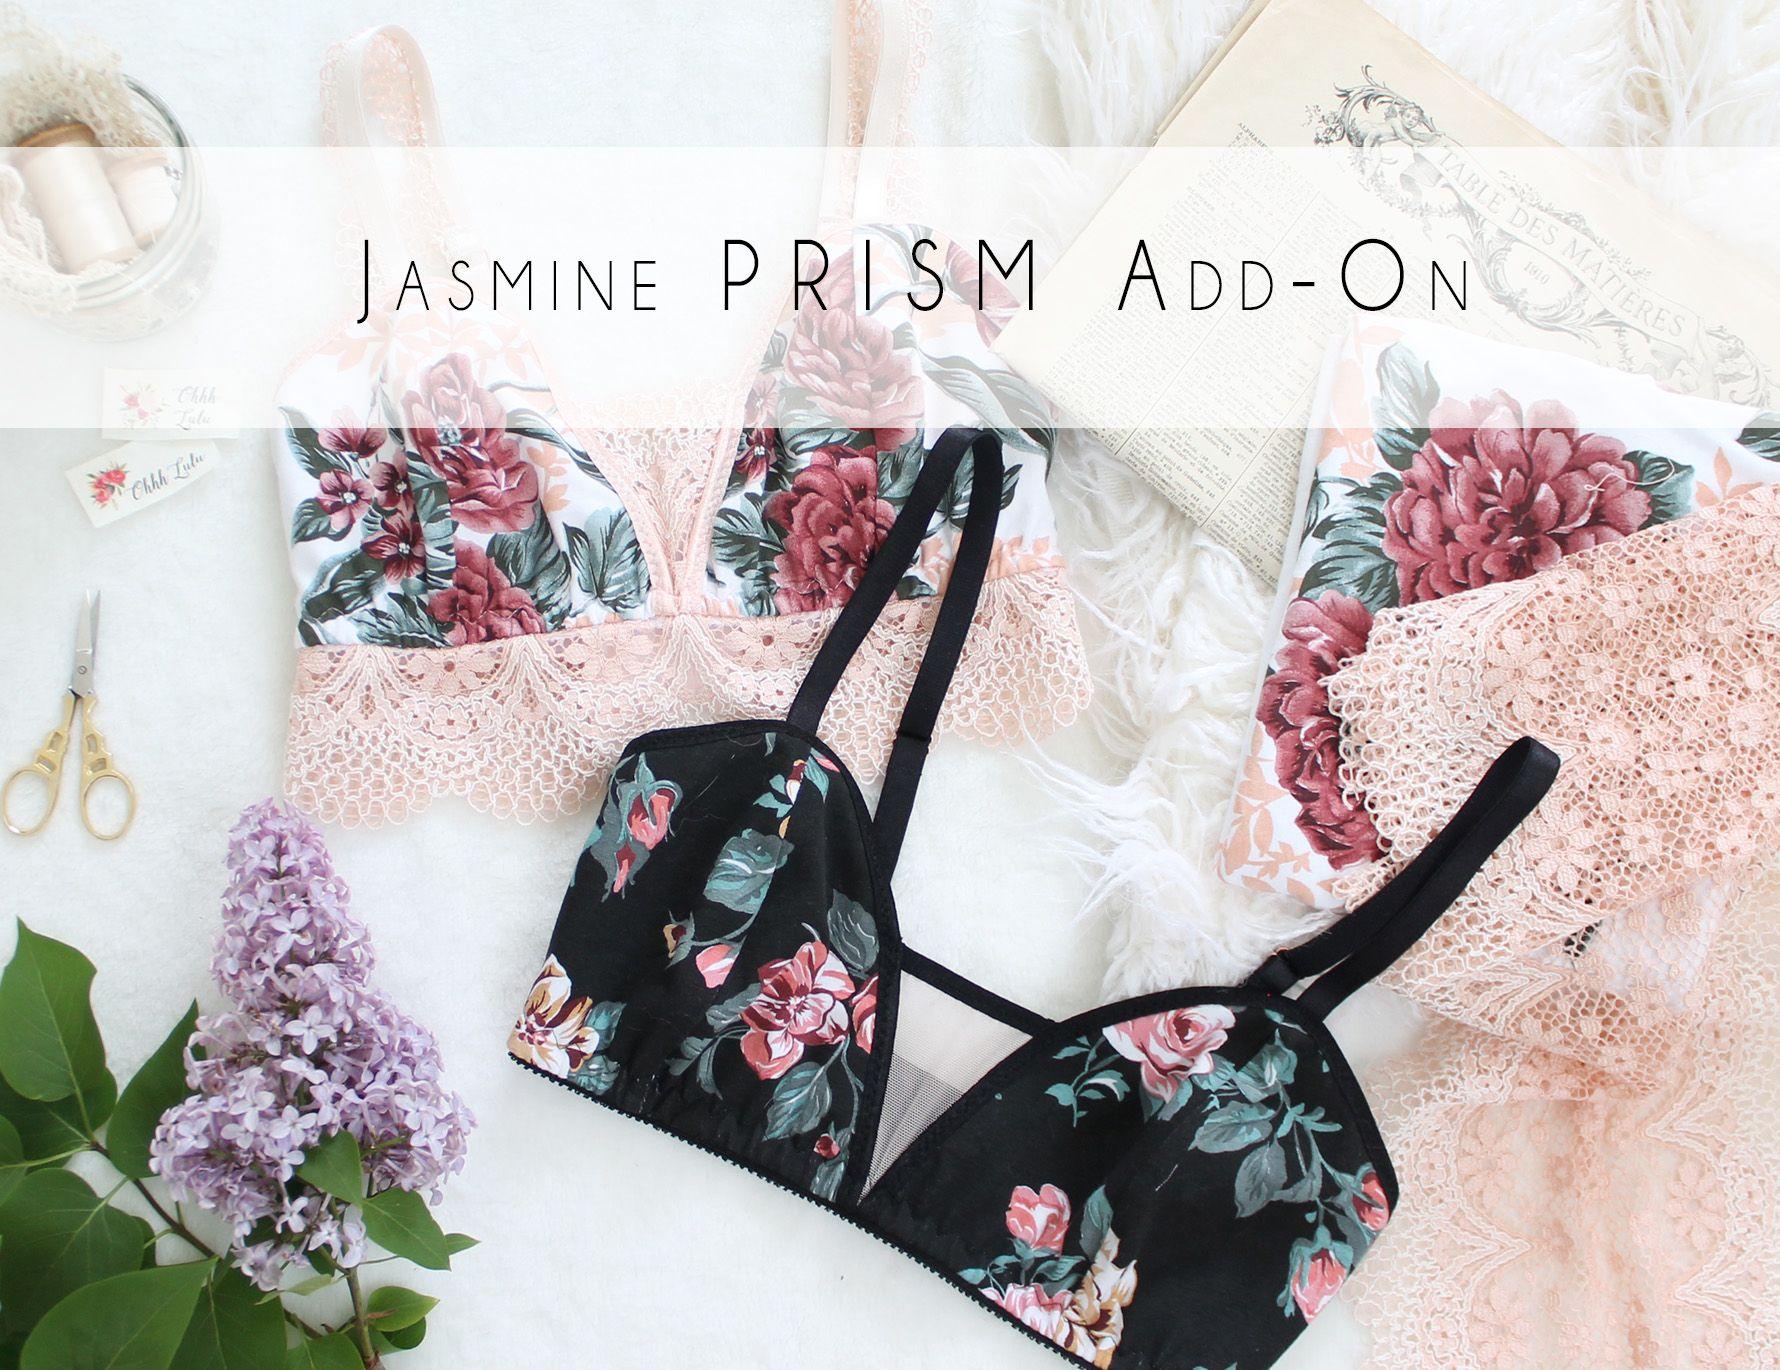 Jasmine PRISM Add-On   Patrones de costura, Ropa interior y Patrones